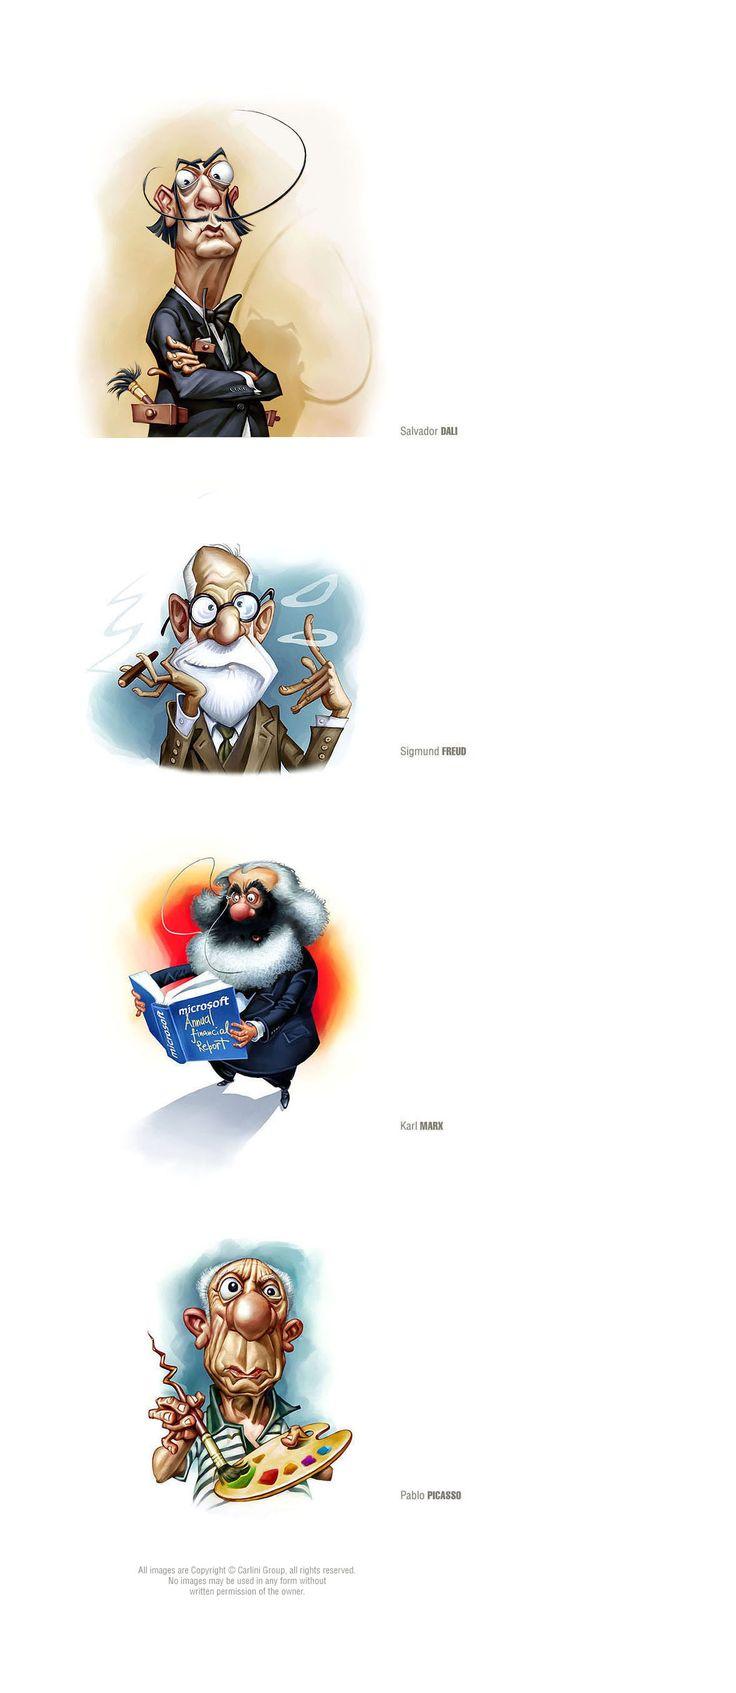 Исторические персонажи, Иллюстрация © DiegoVelazquez